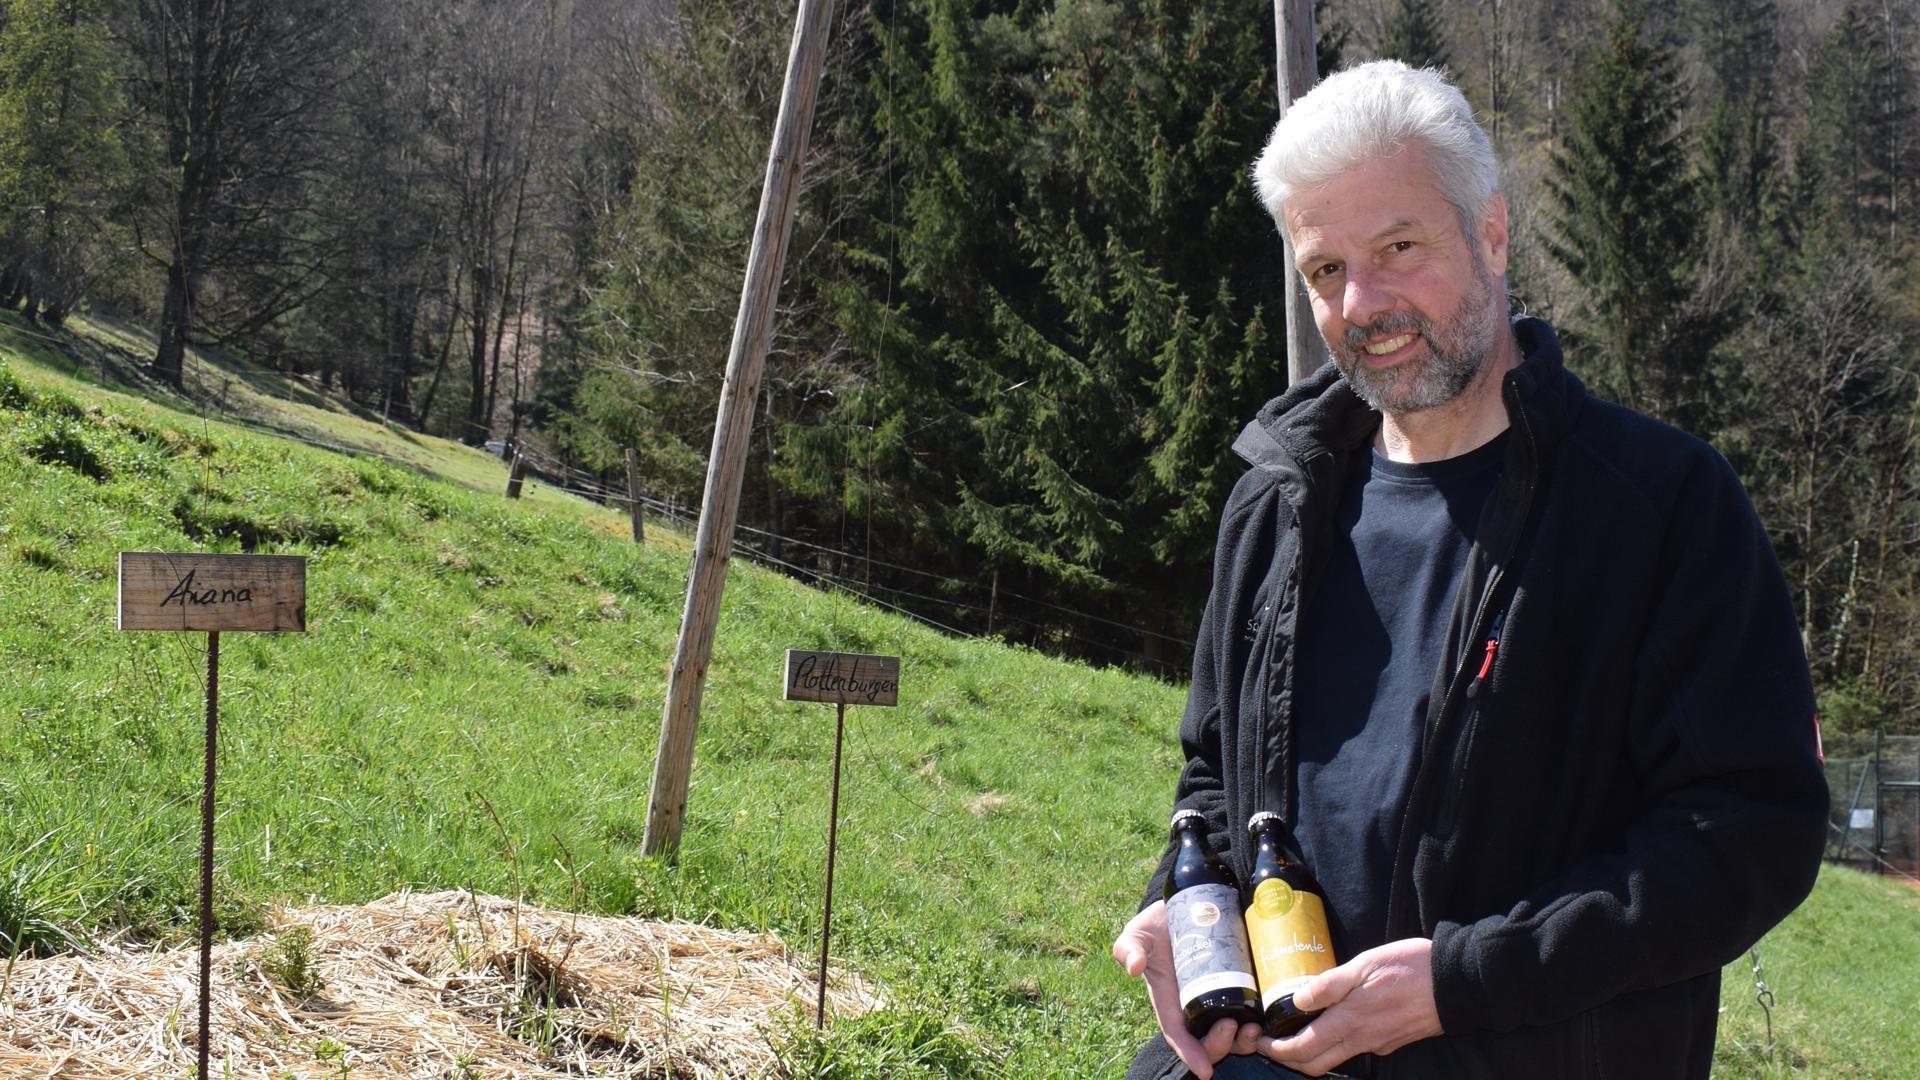 Ein schlanker Mann mit weißem Haar und grauem Vollbart steht im Grünen und hat zwei kleiner Bierflaschen in der Hand.